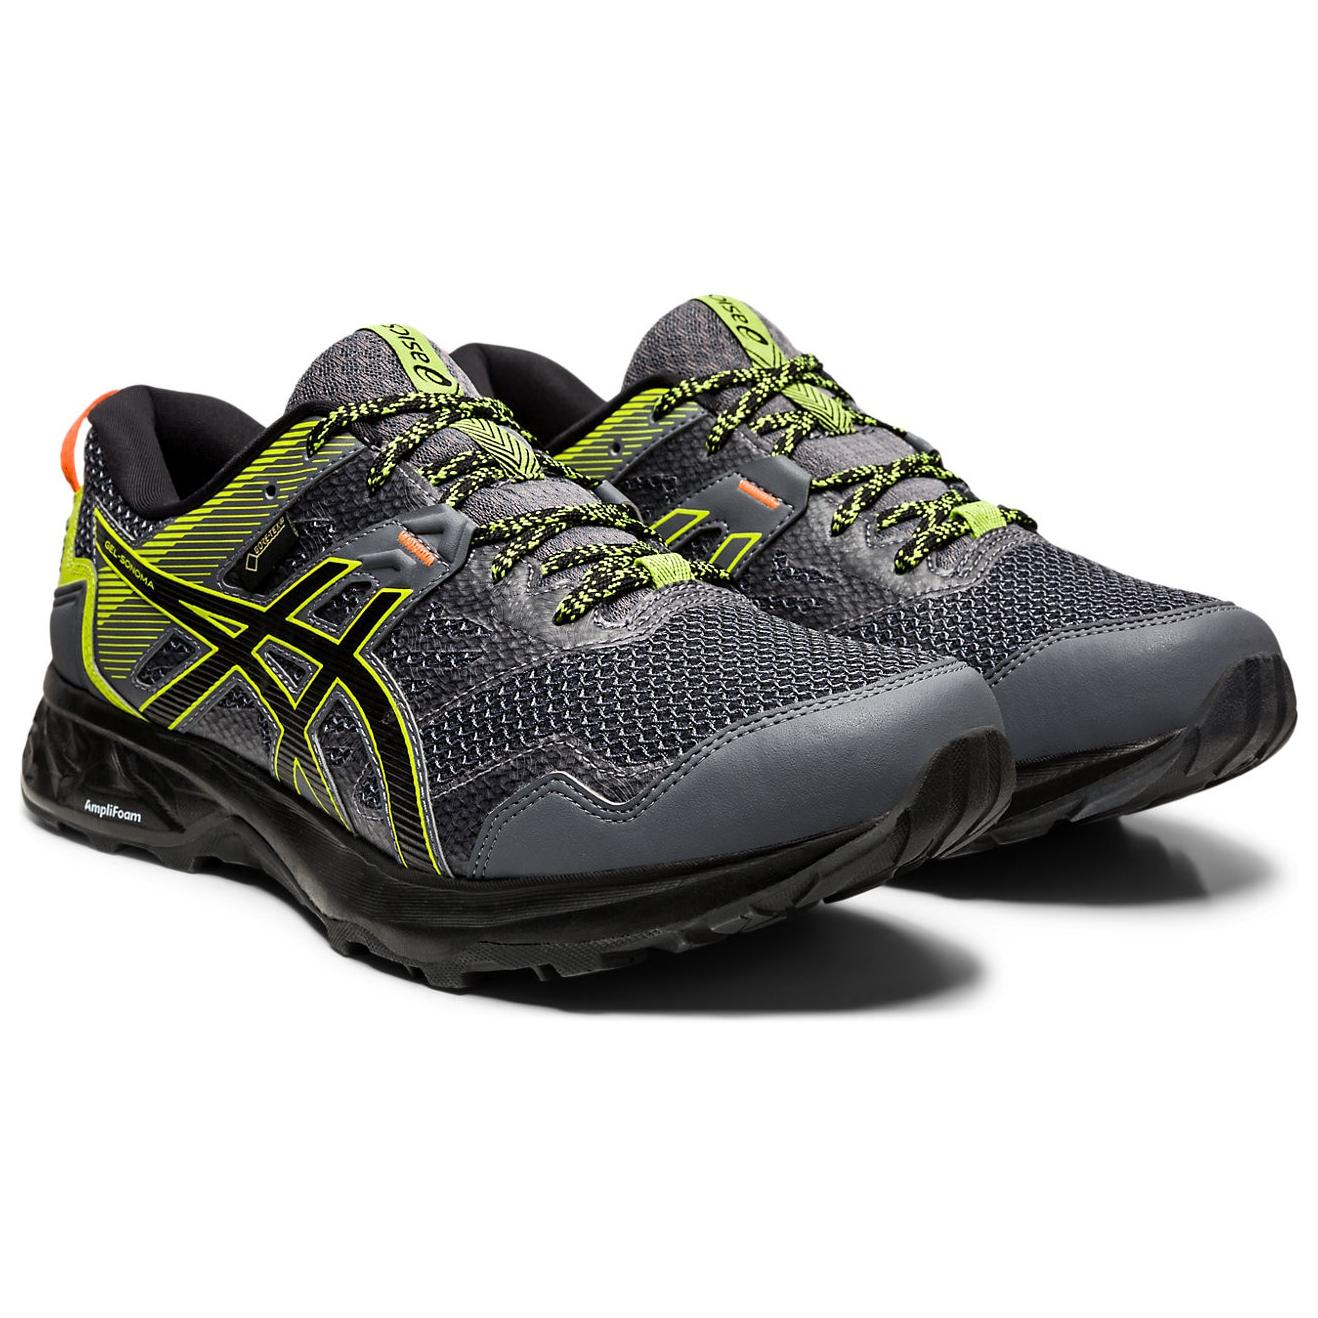 Asics Gel-Sonoma 5 GTX - Trail running shoes Men's | Buy online ...